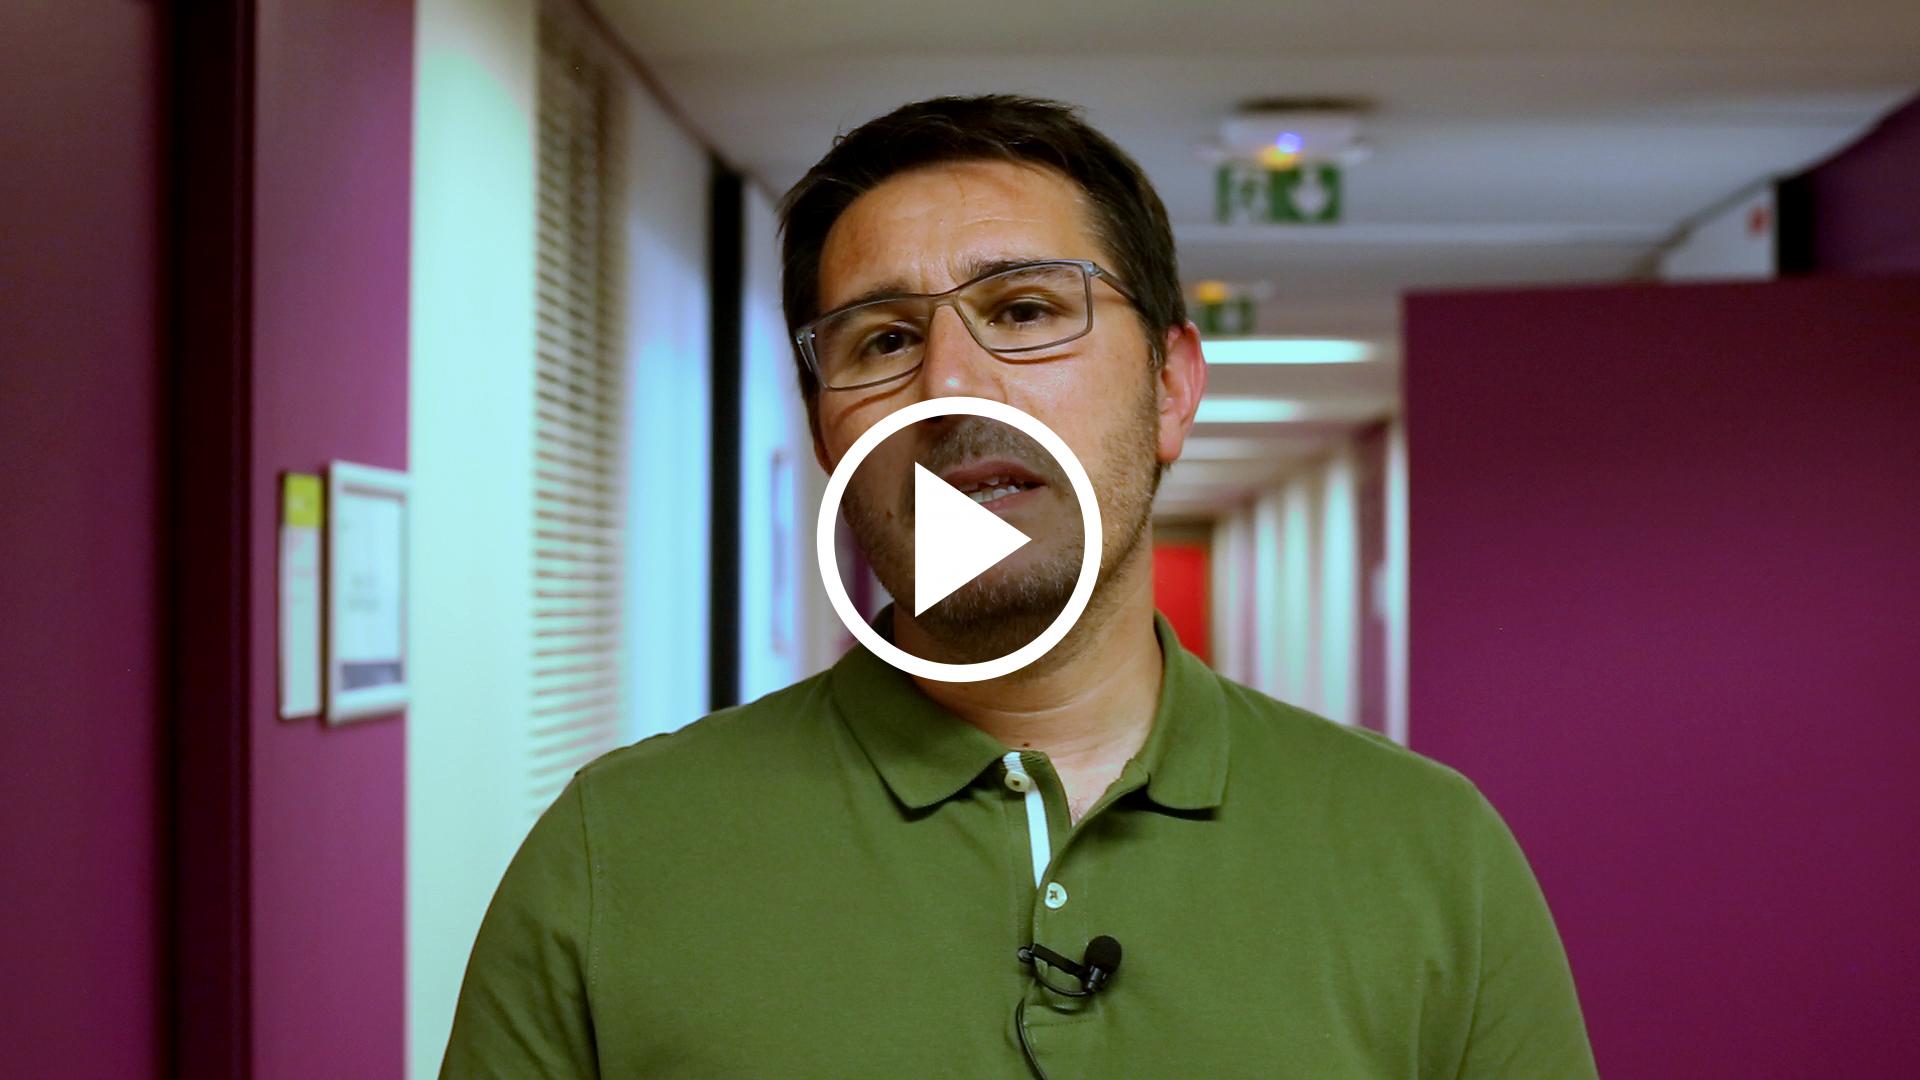 Rinzivillo Salvatore, Research ISTI-CNR